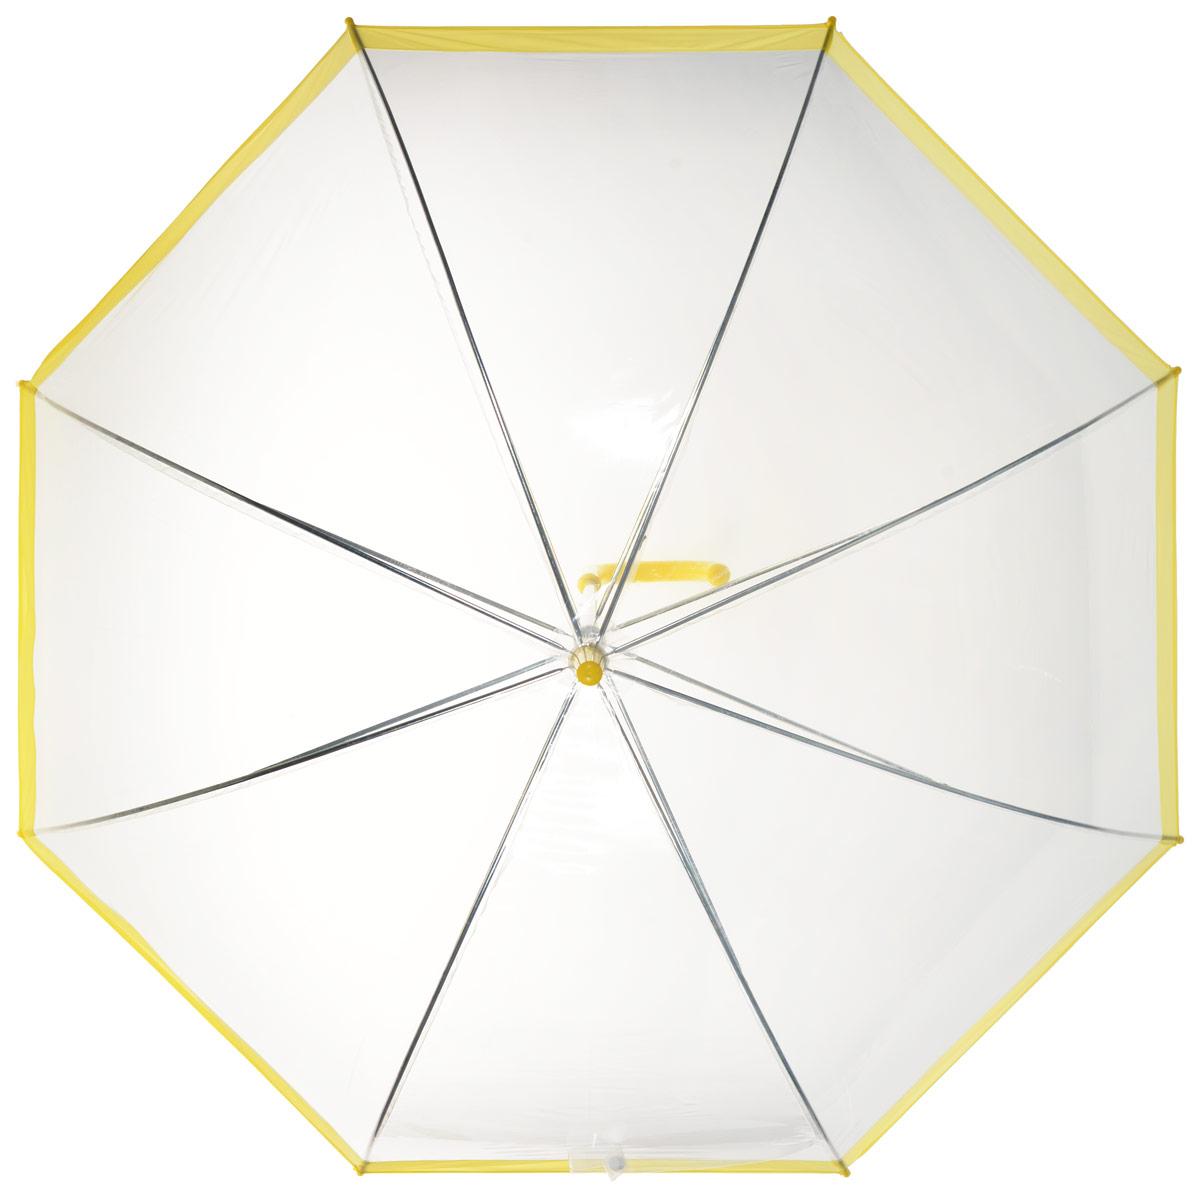 Зонт-трость женский Эврика, механика, цвет: прозрачный, желтый. 948623.7-12 navyОригинальный и элегантный женский зонт-трость Эврика порадует своим оформлением даже в ненастную погоду.Зонт состоит из восьми спиц и стержня выполненных из качественного металла. Купол выполнен из качественного ПВХ, который не пропускает воду. Зонт дополненудобной пластиковой ручкой в виде крючка.Изделие имеет механический способ сложения: и купол, и стержень открываются и закрываются вручную до характерного щелчка. Зонт закрывается хлястиком на кнопку.Зонт имеет прозрачную текстуру, что позволяет видеть обстановку вокруг себя.Такой зонт не оставит вас незамеченной.